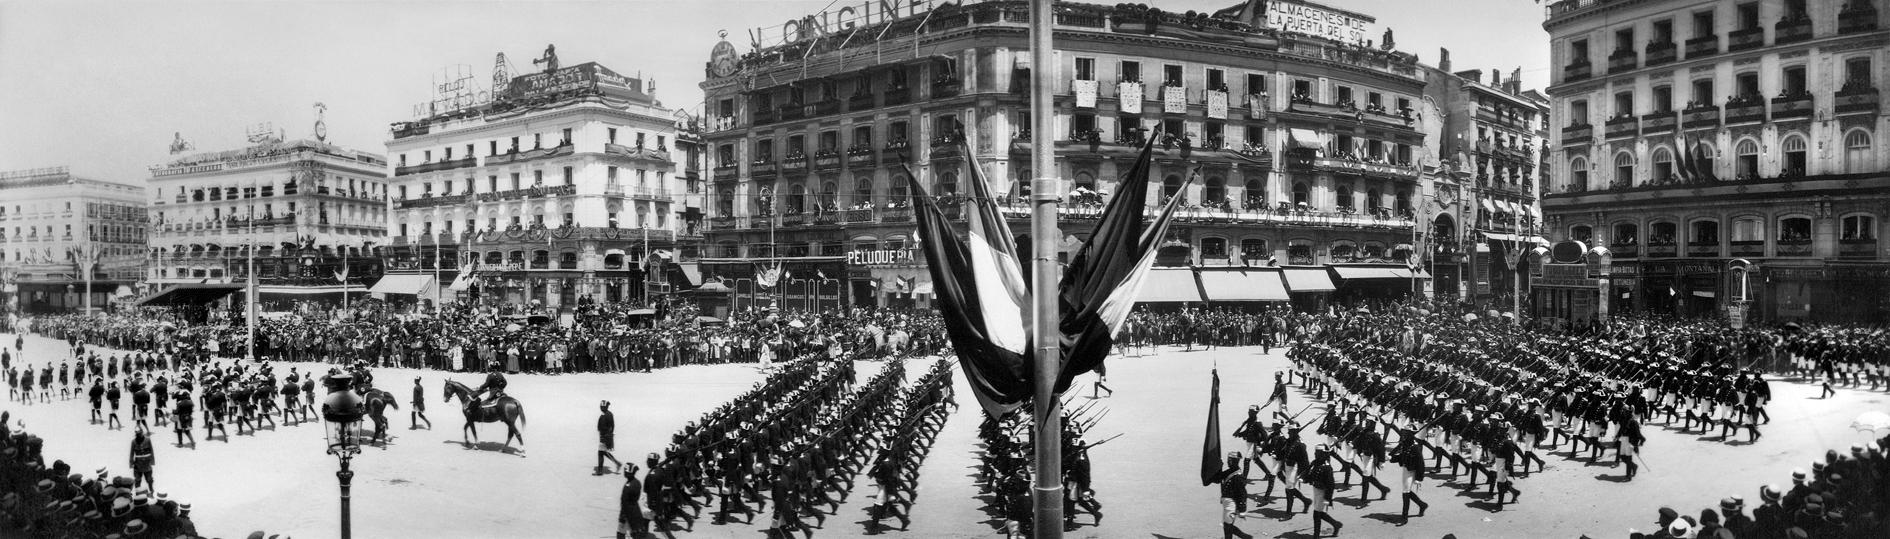 Desfile militar con motivo del recibimiento al rey de Italia Víctor Manuel III, el 13 de junio de 1924, en la Puerta del Sol. Archivo Regueira. Filmoteca de Castilla y León. ©Derechos reservados.